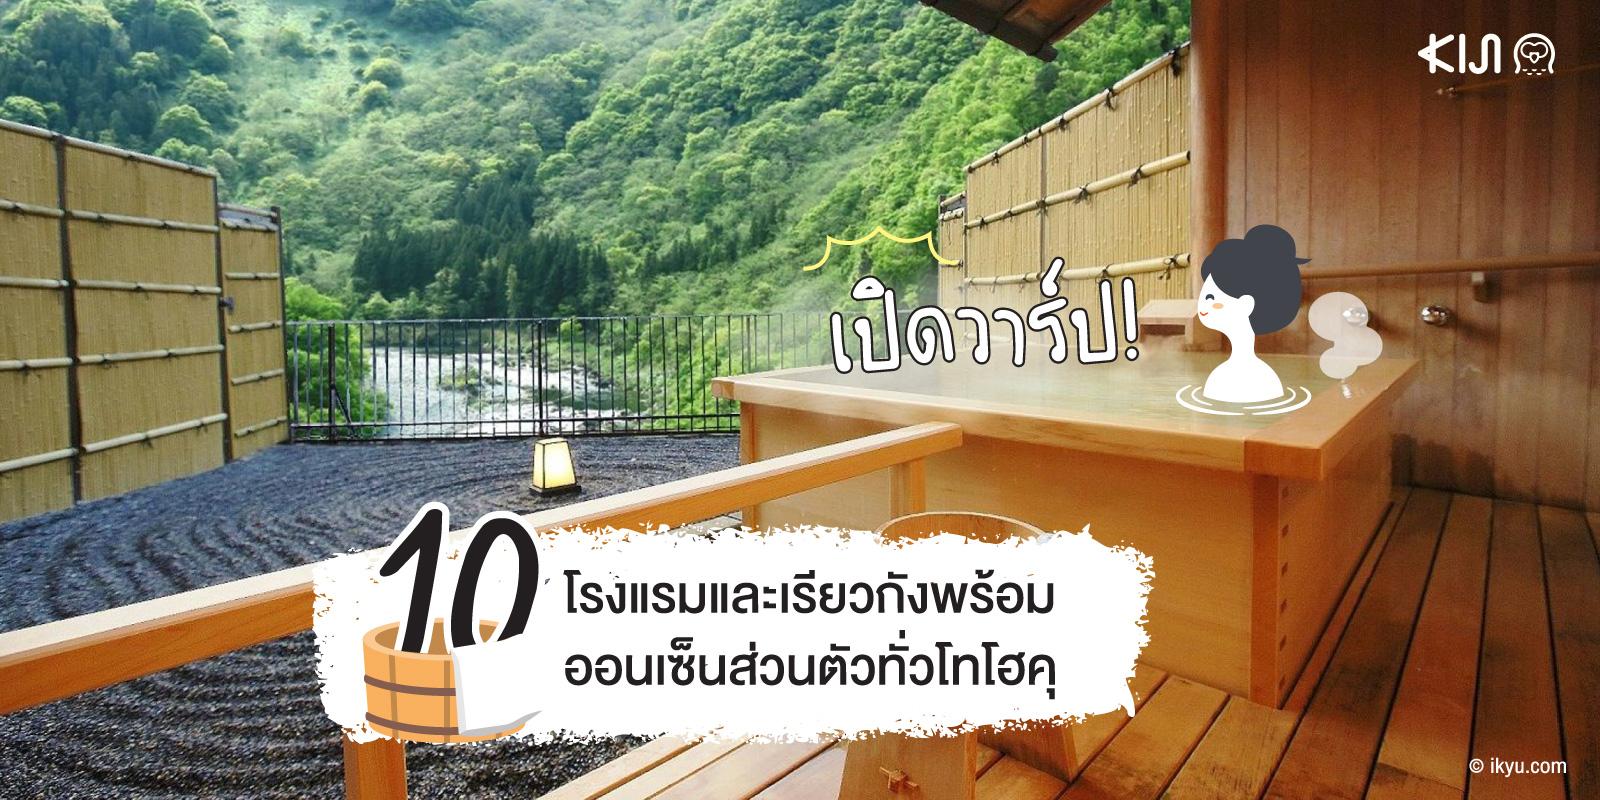 โรงแรม & เรียวกัง โทโฮคุ (Tohoku) พร้อม ออนเซ็นส่วนตัวในห้องพัก (Private Onsen)